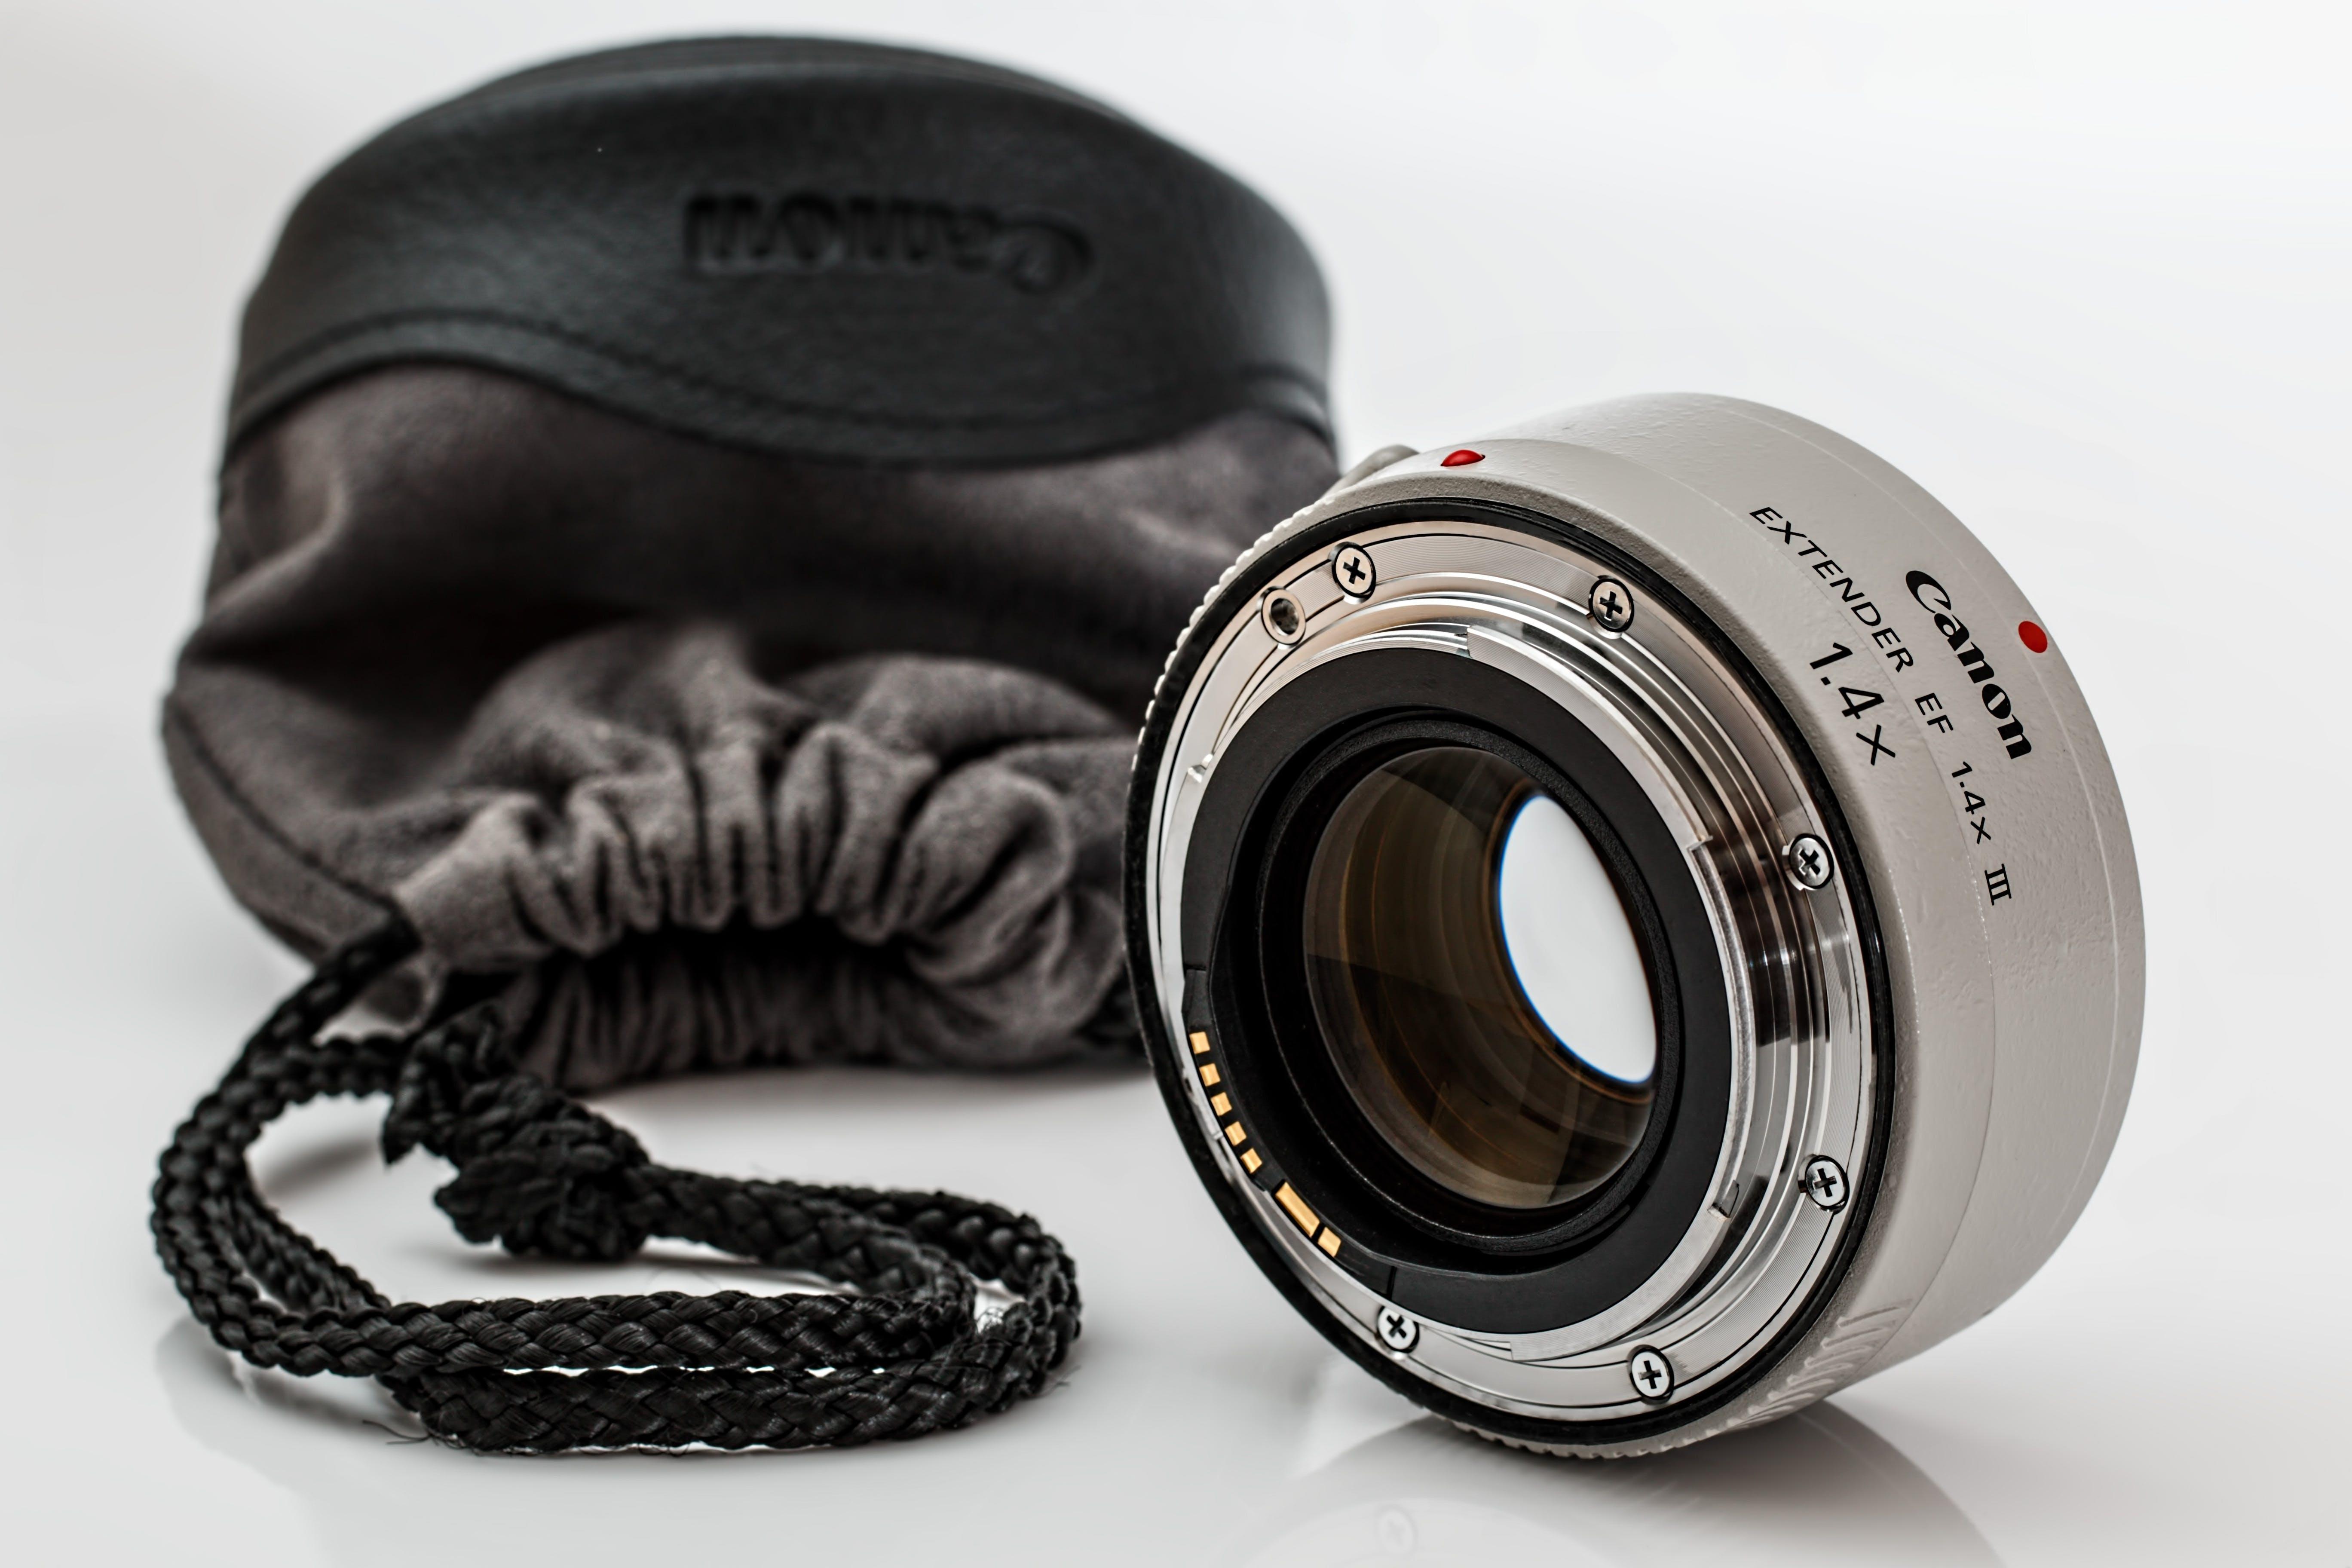 canon, converter, focal length multiplier